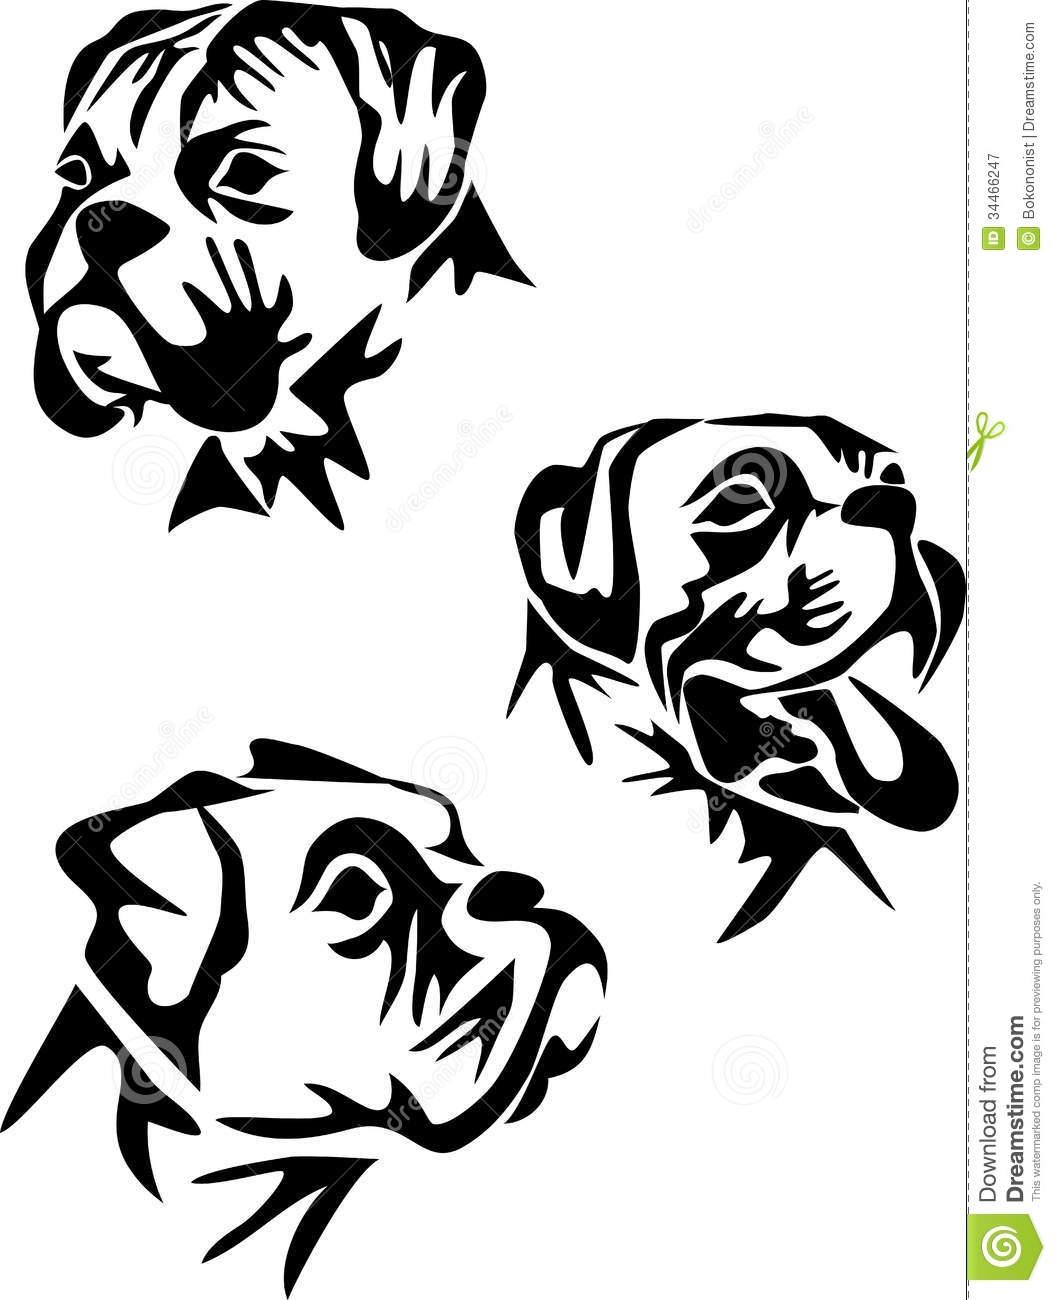 1056x1300 557788391 Boxer Stylized Dog Black White Illustration Head